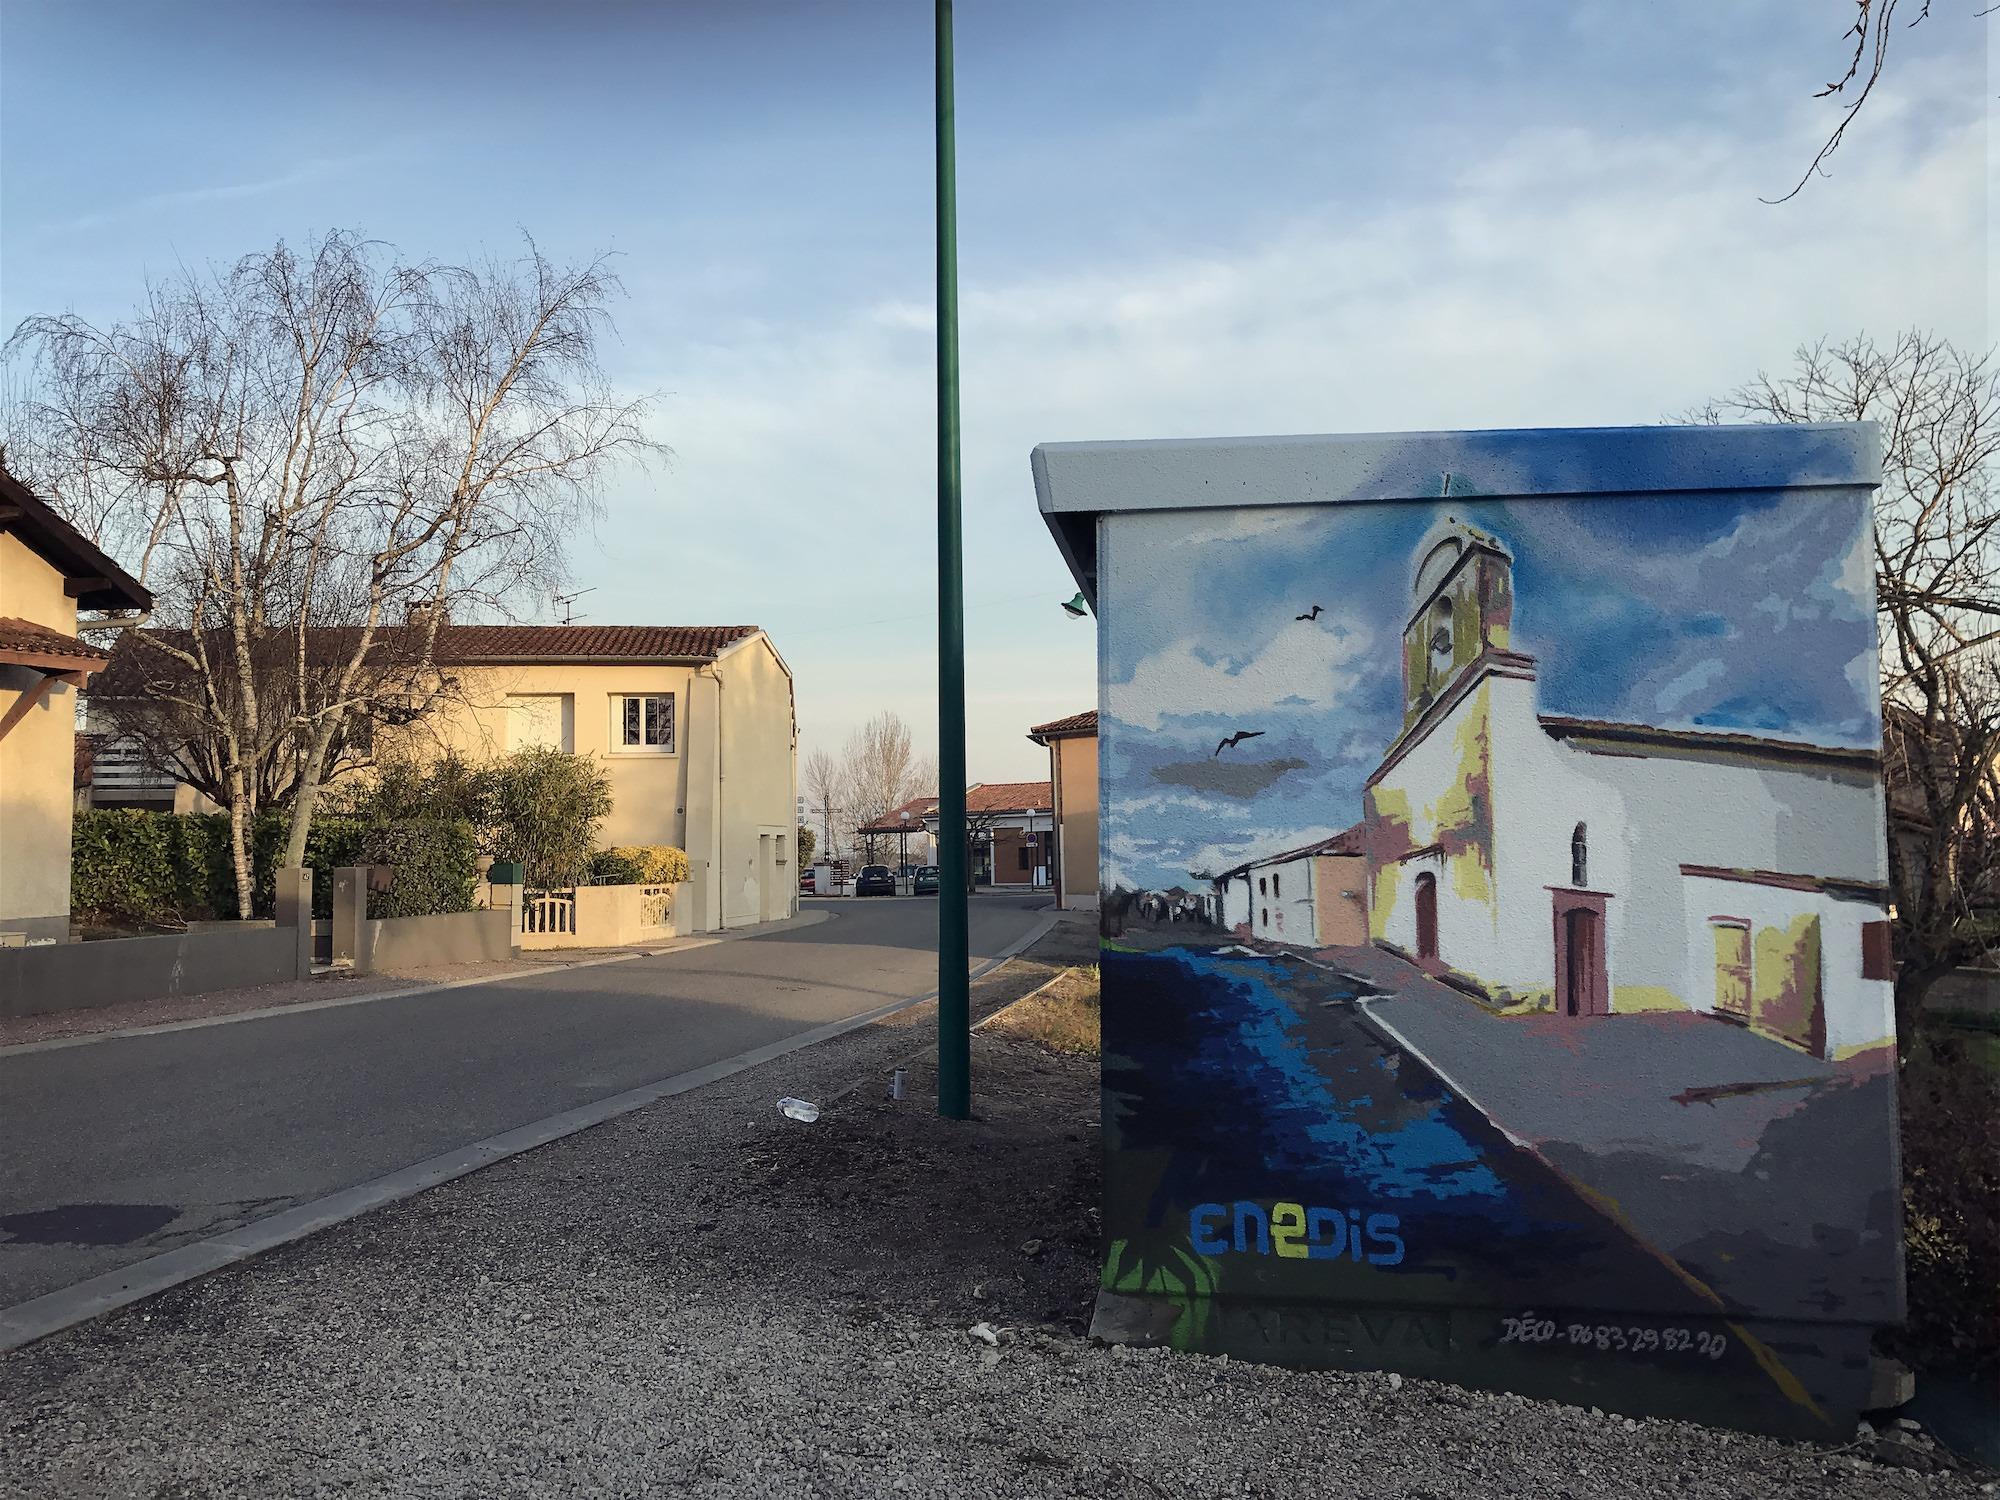 SaintSardos-Graffiti-Transformateur